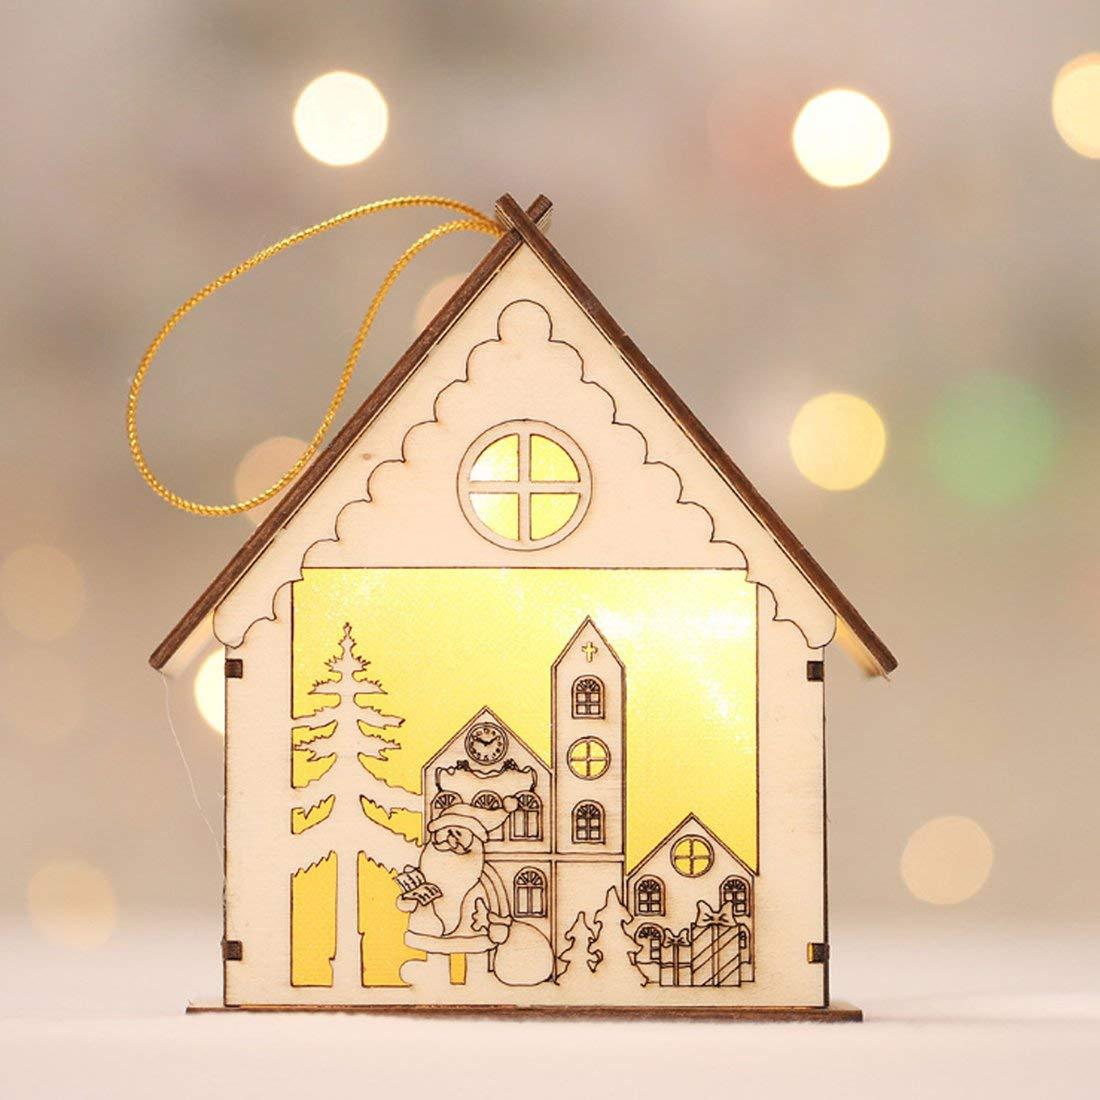 Formulaone HAPPYXMAS Nuove Decorazioni Natalizie Luminose Casette in Legno Creative Cartoon Lanterne in Legno casetta Neve casa Natale casetta Luminosa casetta